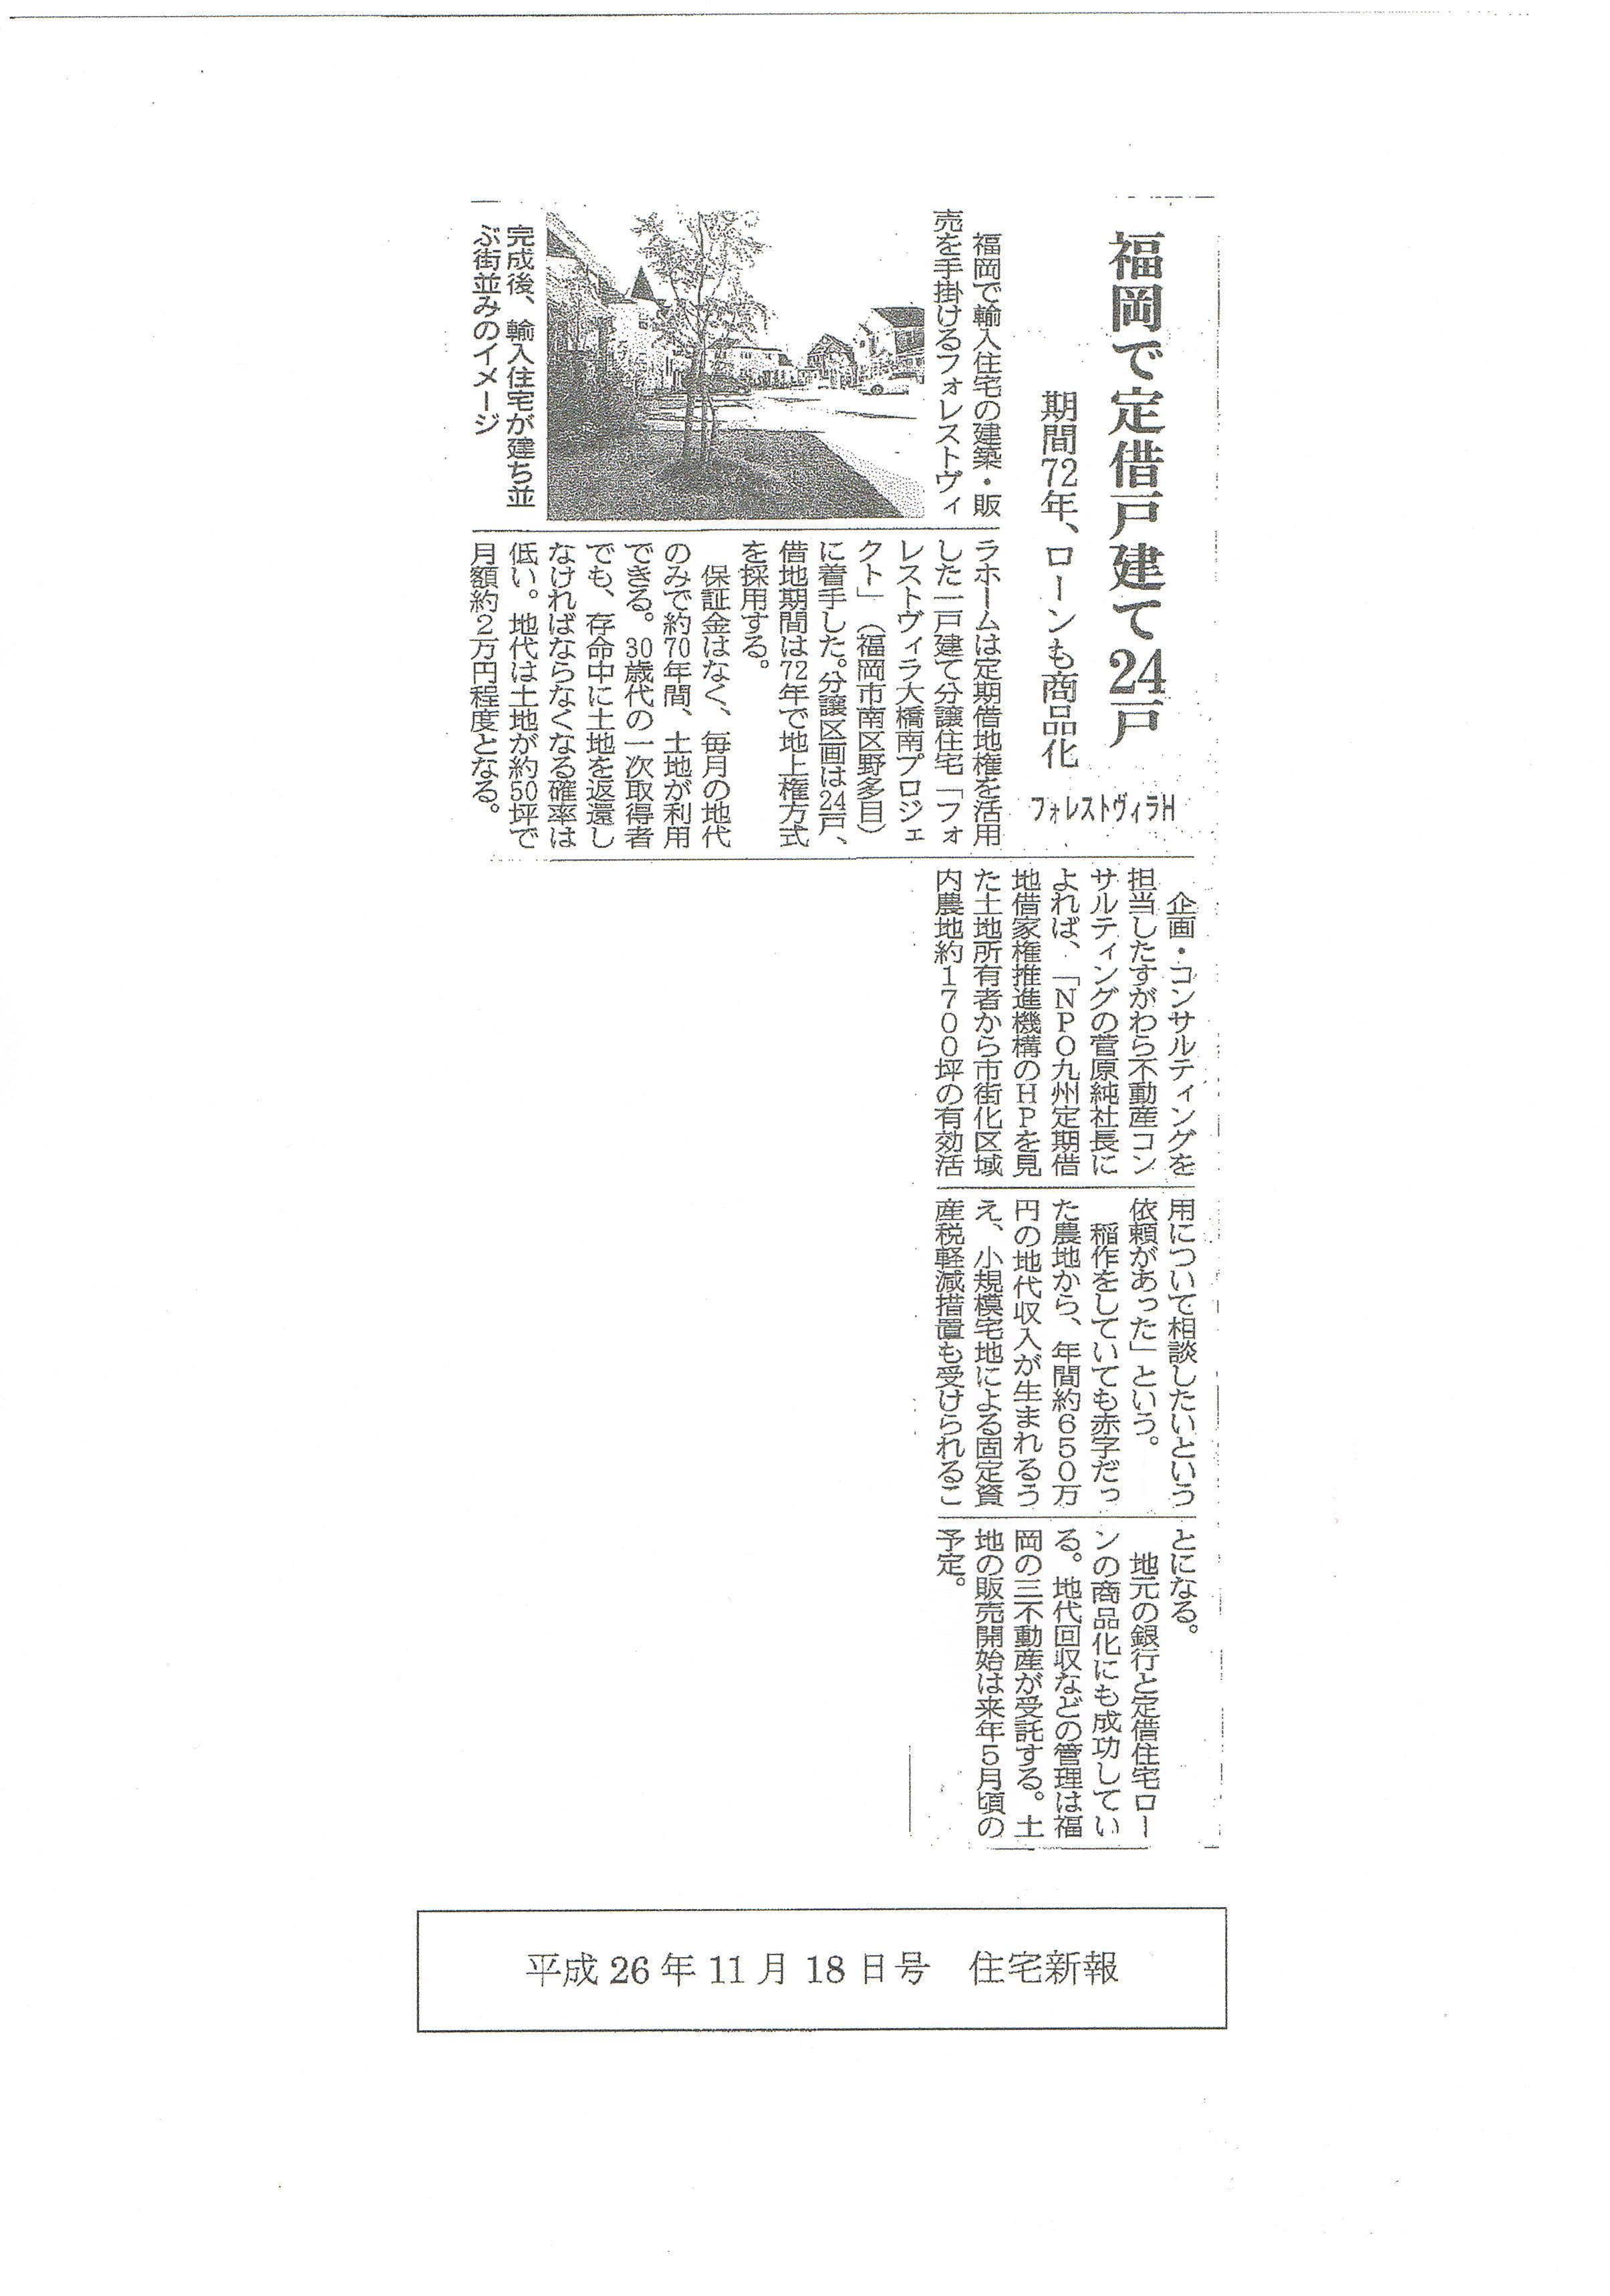 http://www.qto.or.jp/%E9%87%8E%E5%A4%9A%E7%9B%AE%E4%BD%8F%E5%AE%85%E6%96%B0%E5%A0%B1.jpg